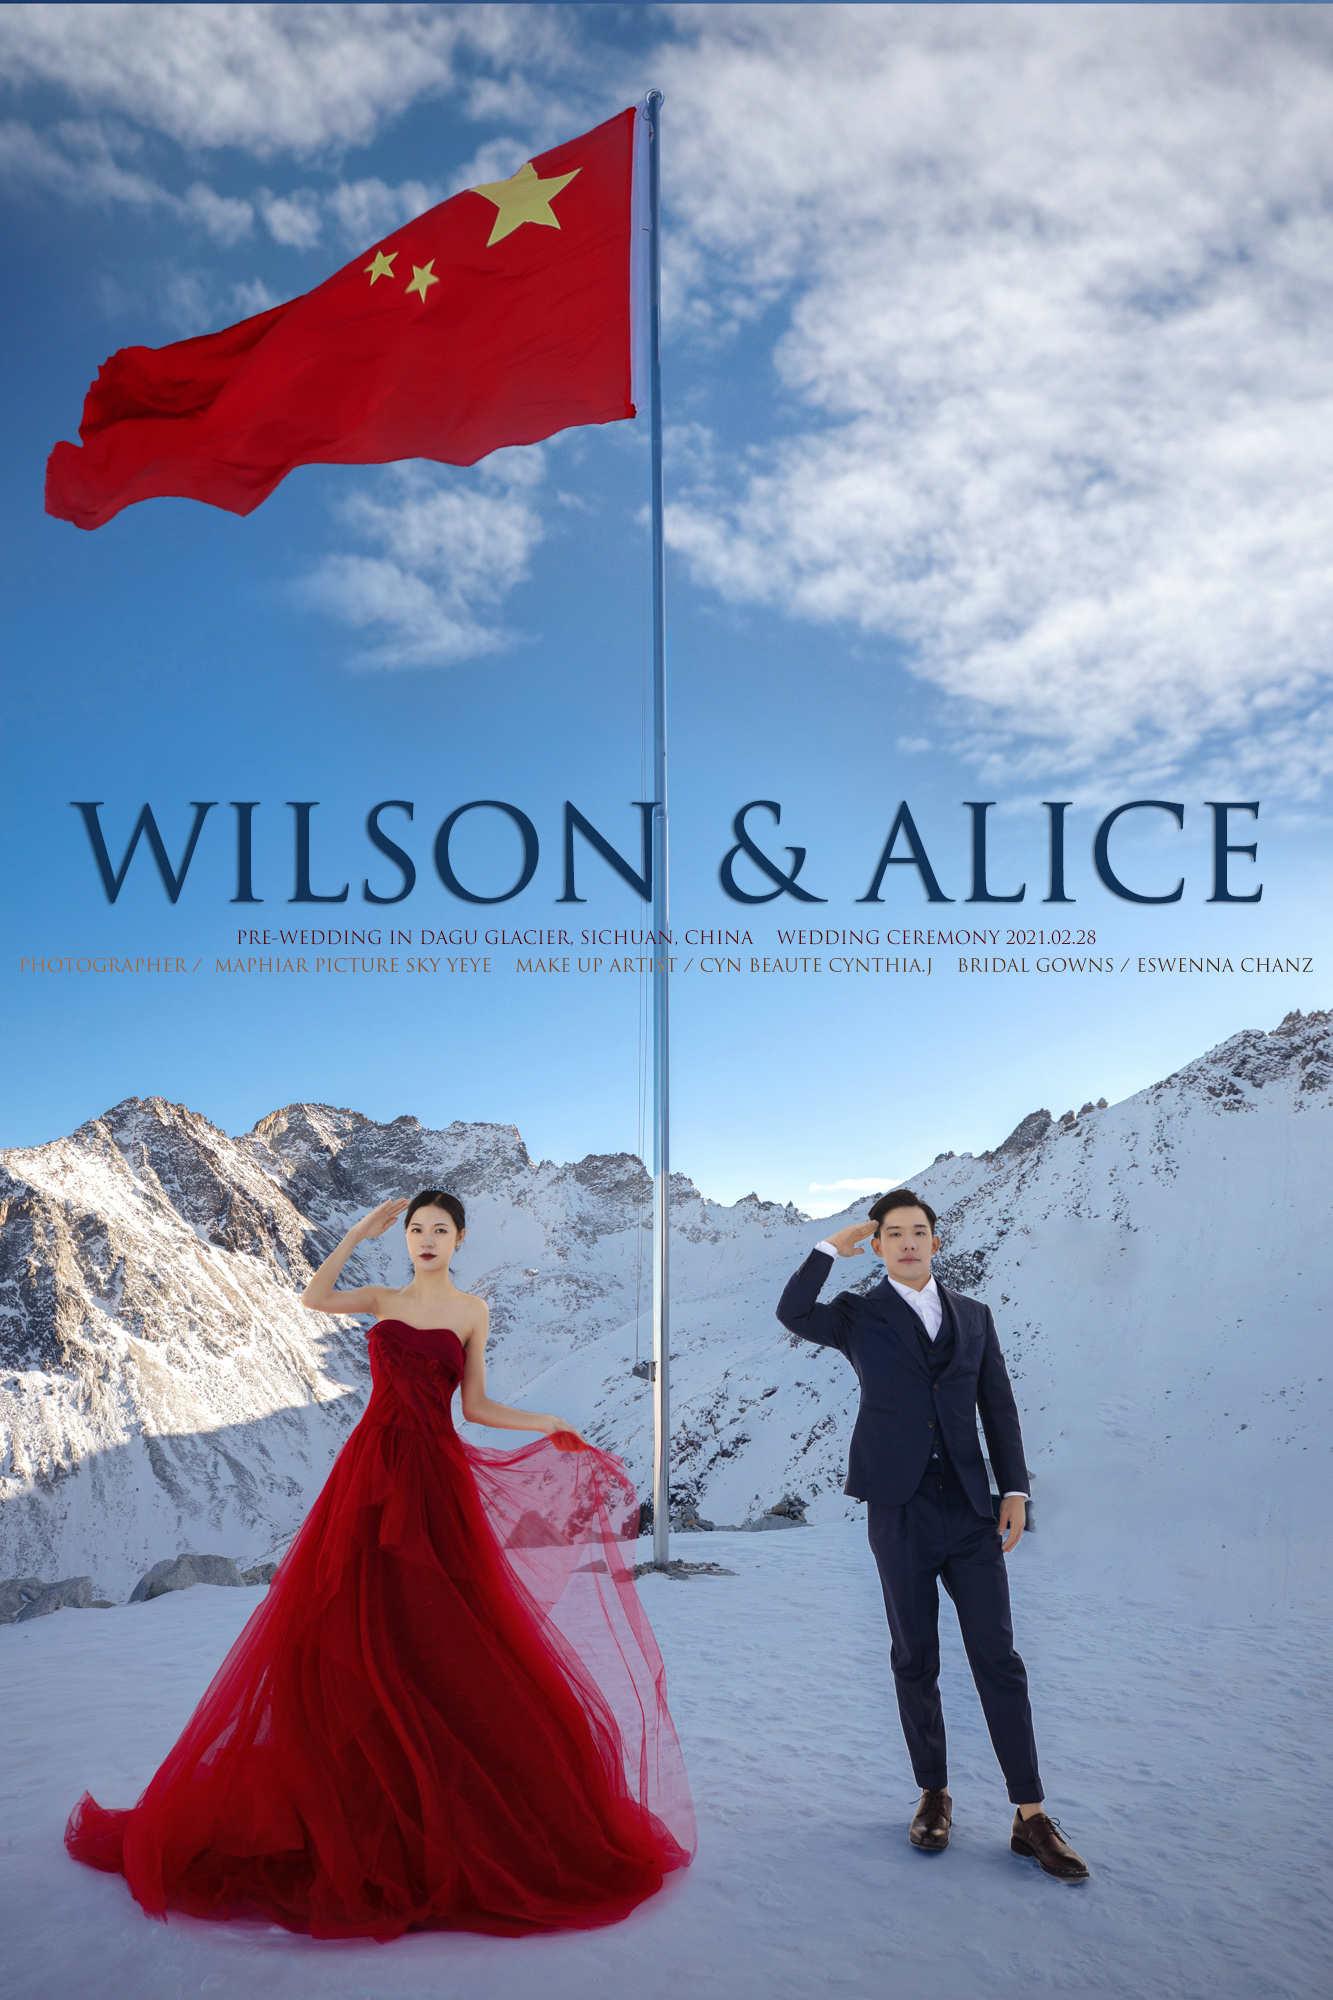 WILSON & ALICE · 达古冰川旅拍